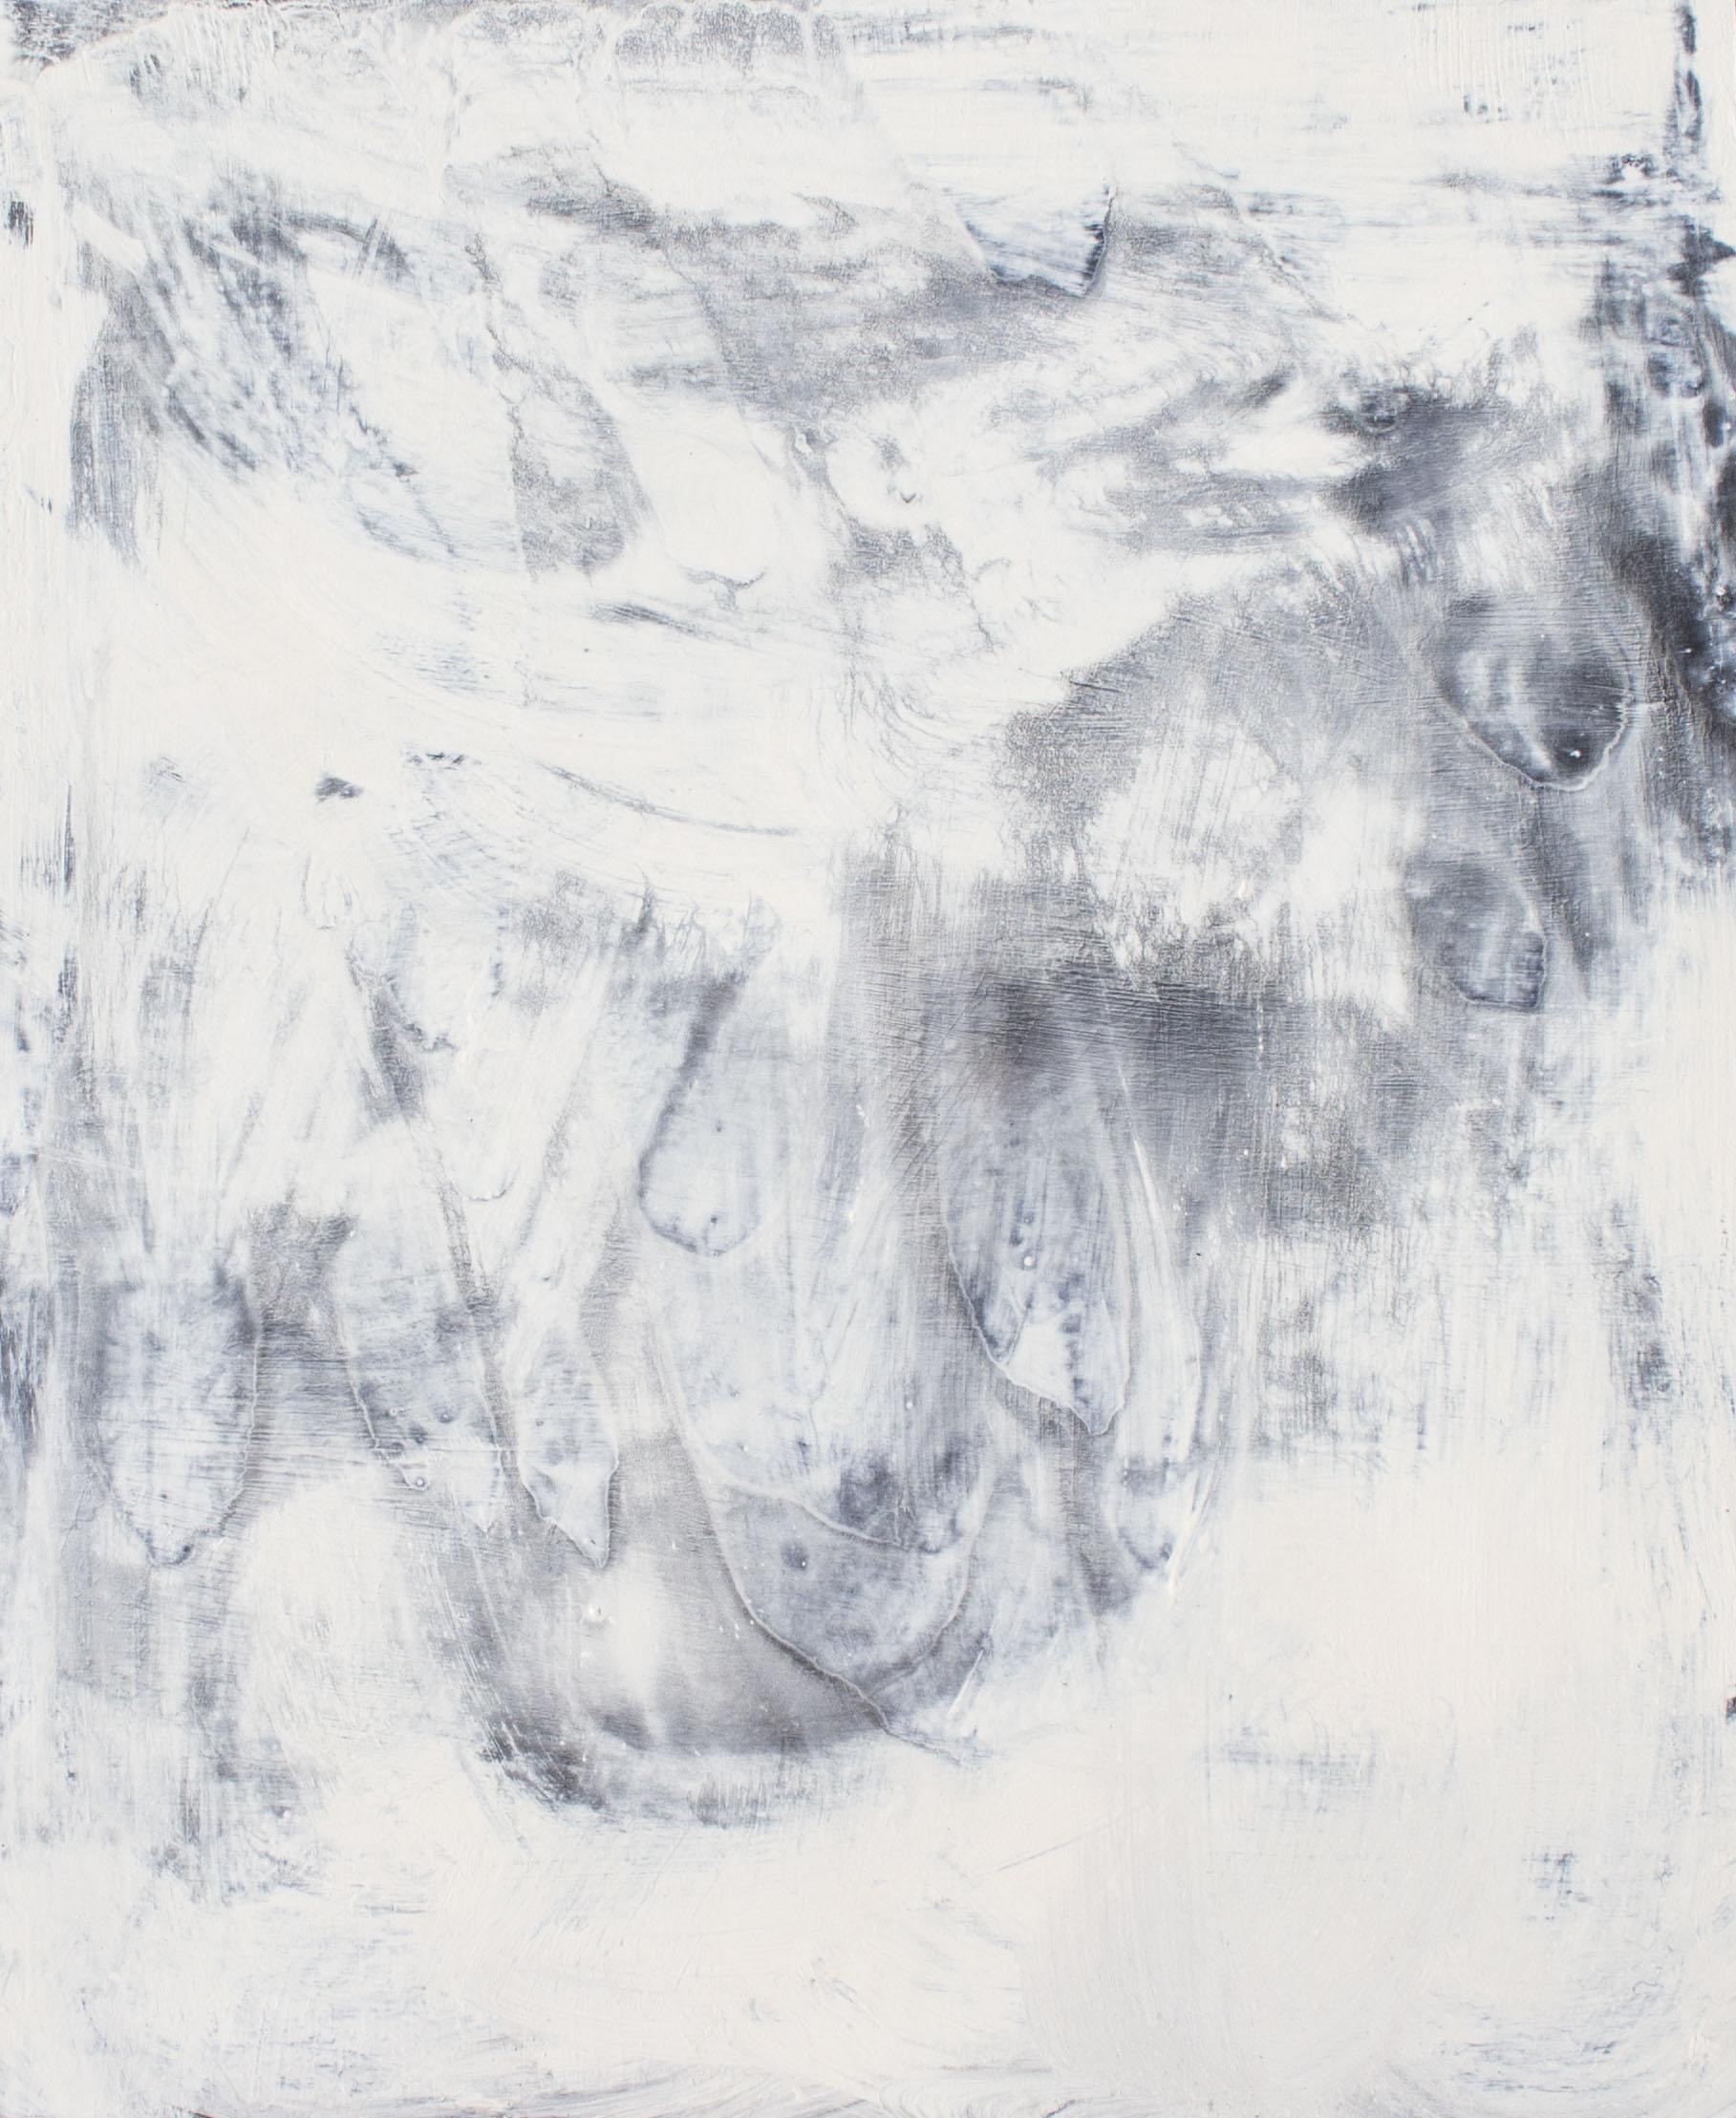 Tundra (2019)